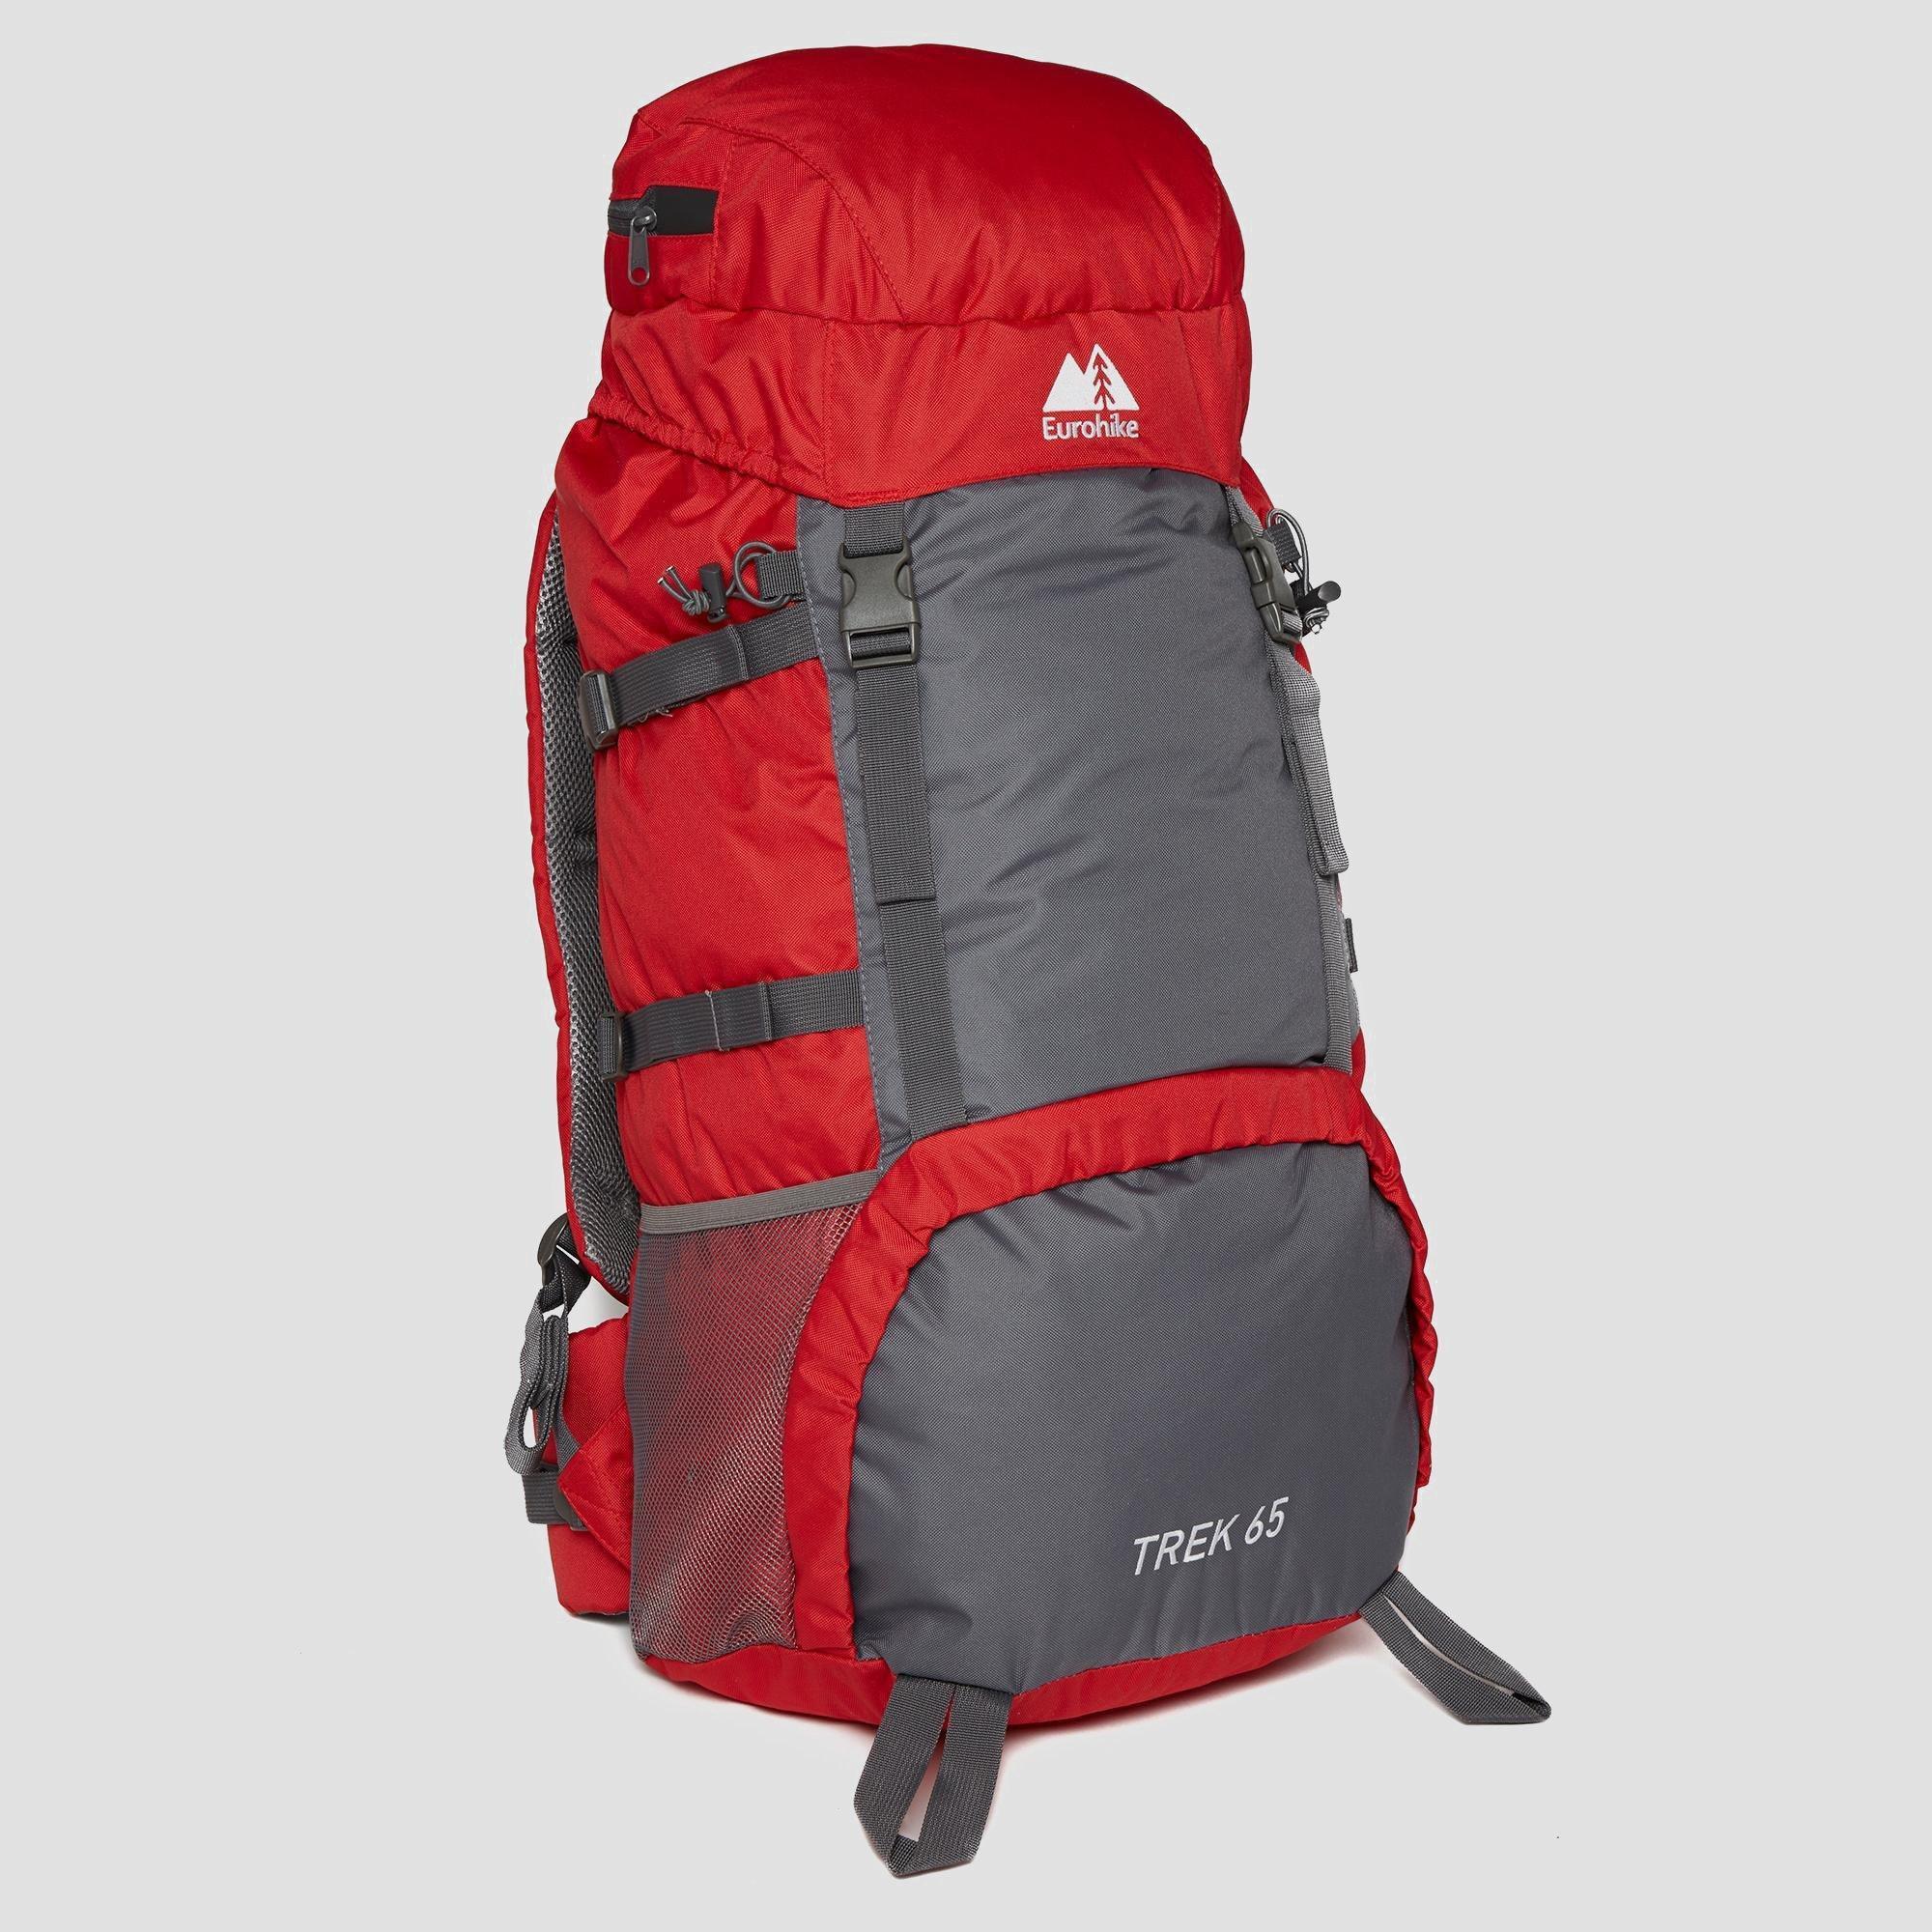 Trek 65L Back pack at Eurohike (Blacks) £21.59 Delivered (with code)